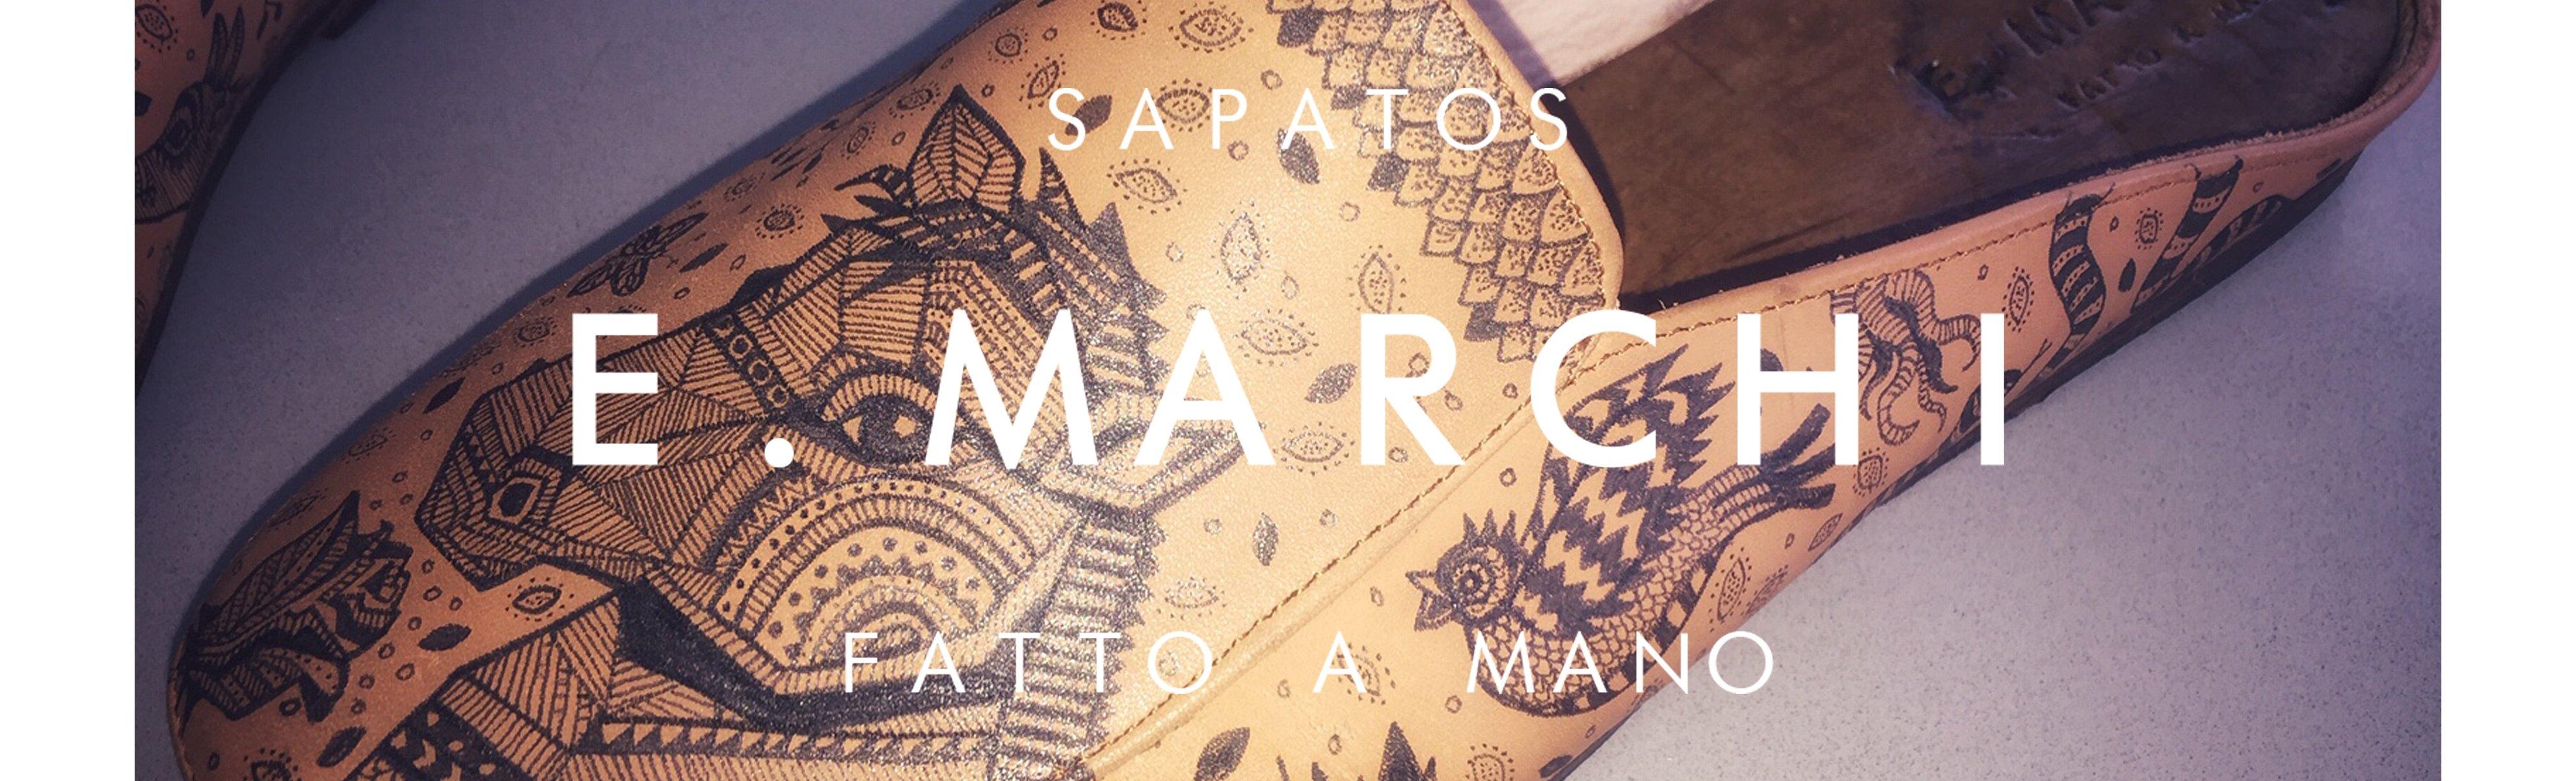 Mule Bruno pintada à mão Sapatos E. Marchi